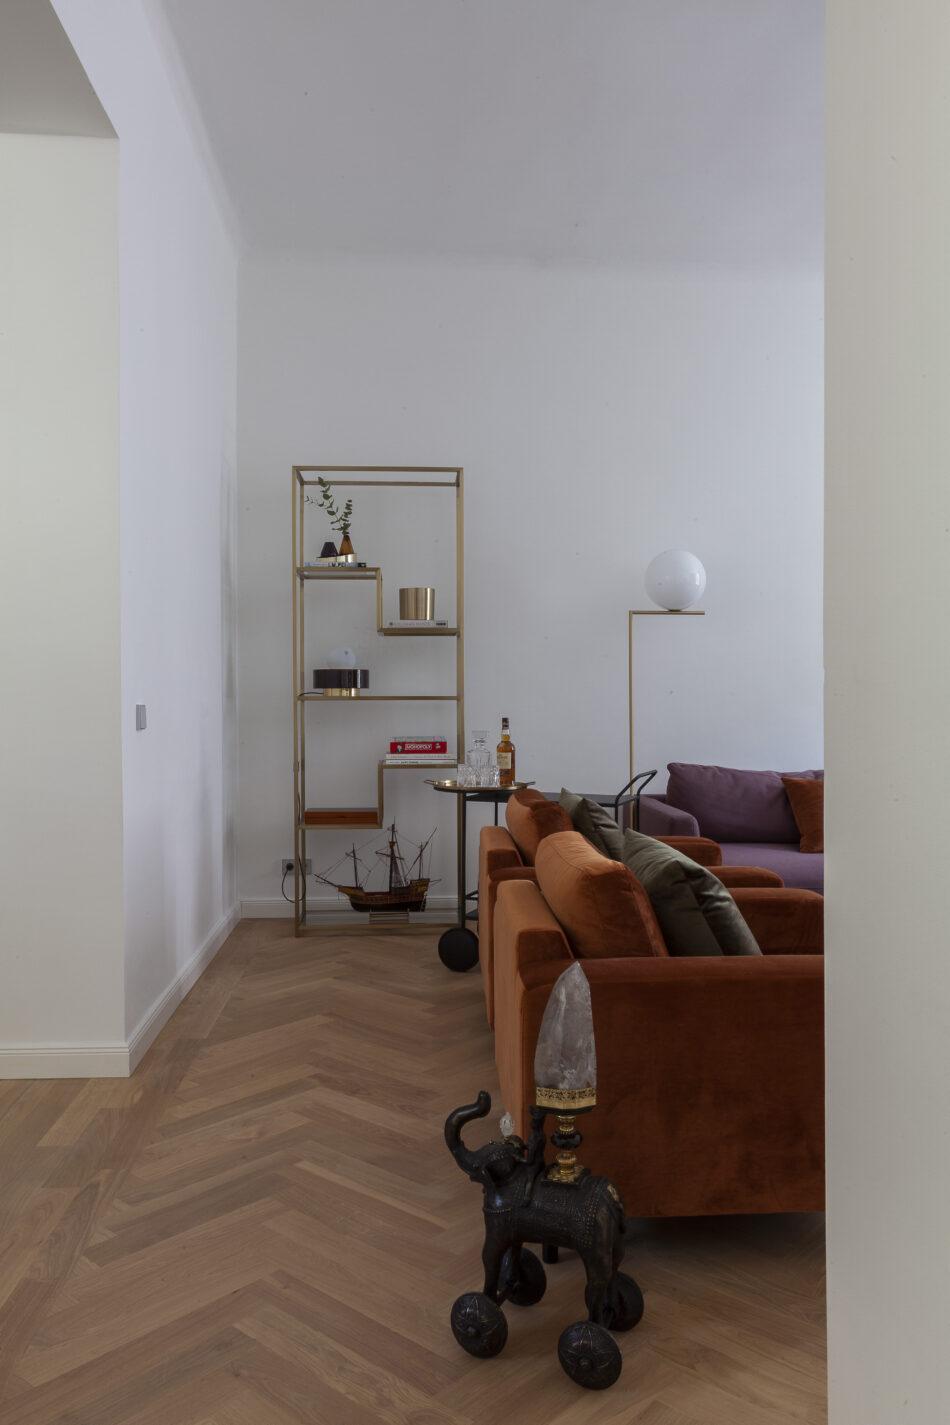 Antonius Schimmelbusch_Apartment_Berlin_Anne-Catherine Scoffoni_privat_14